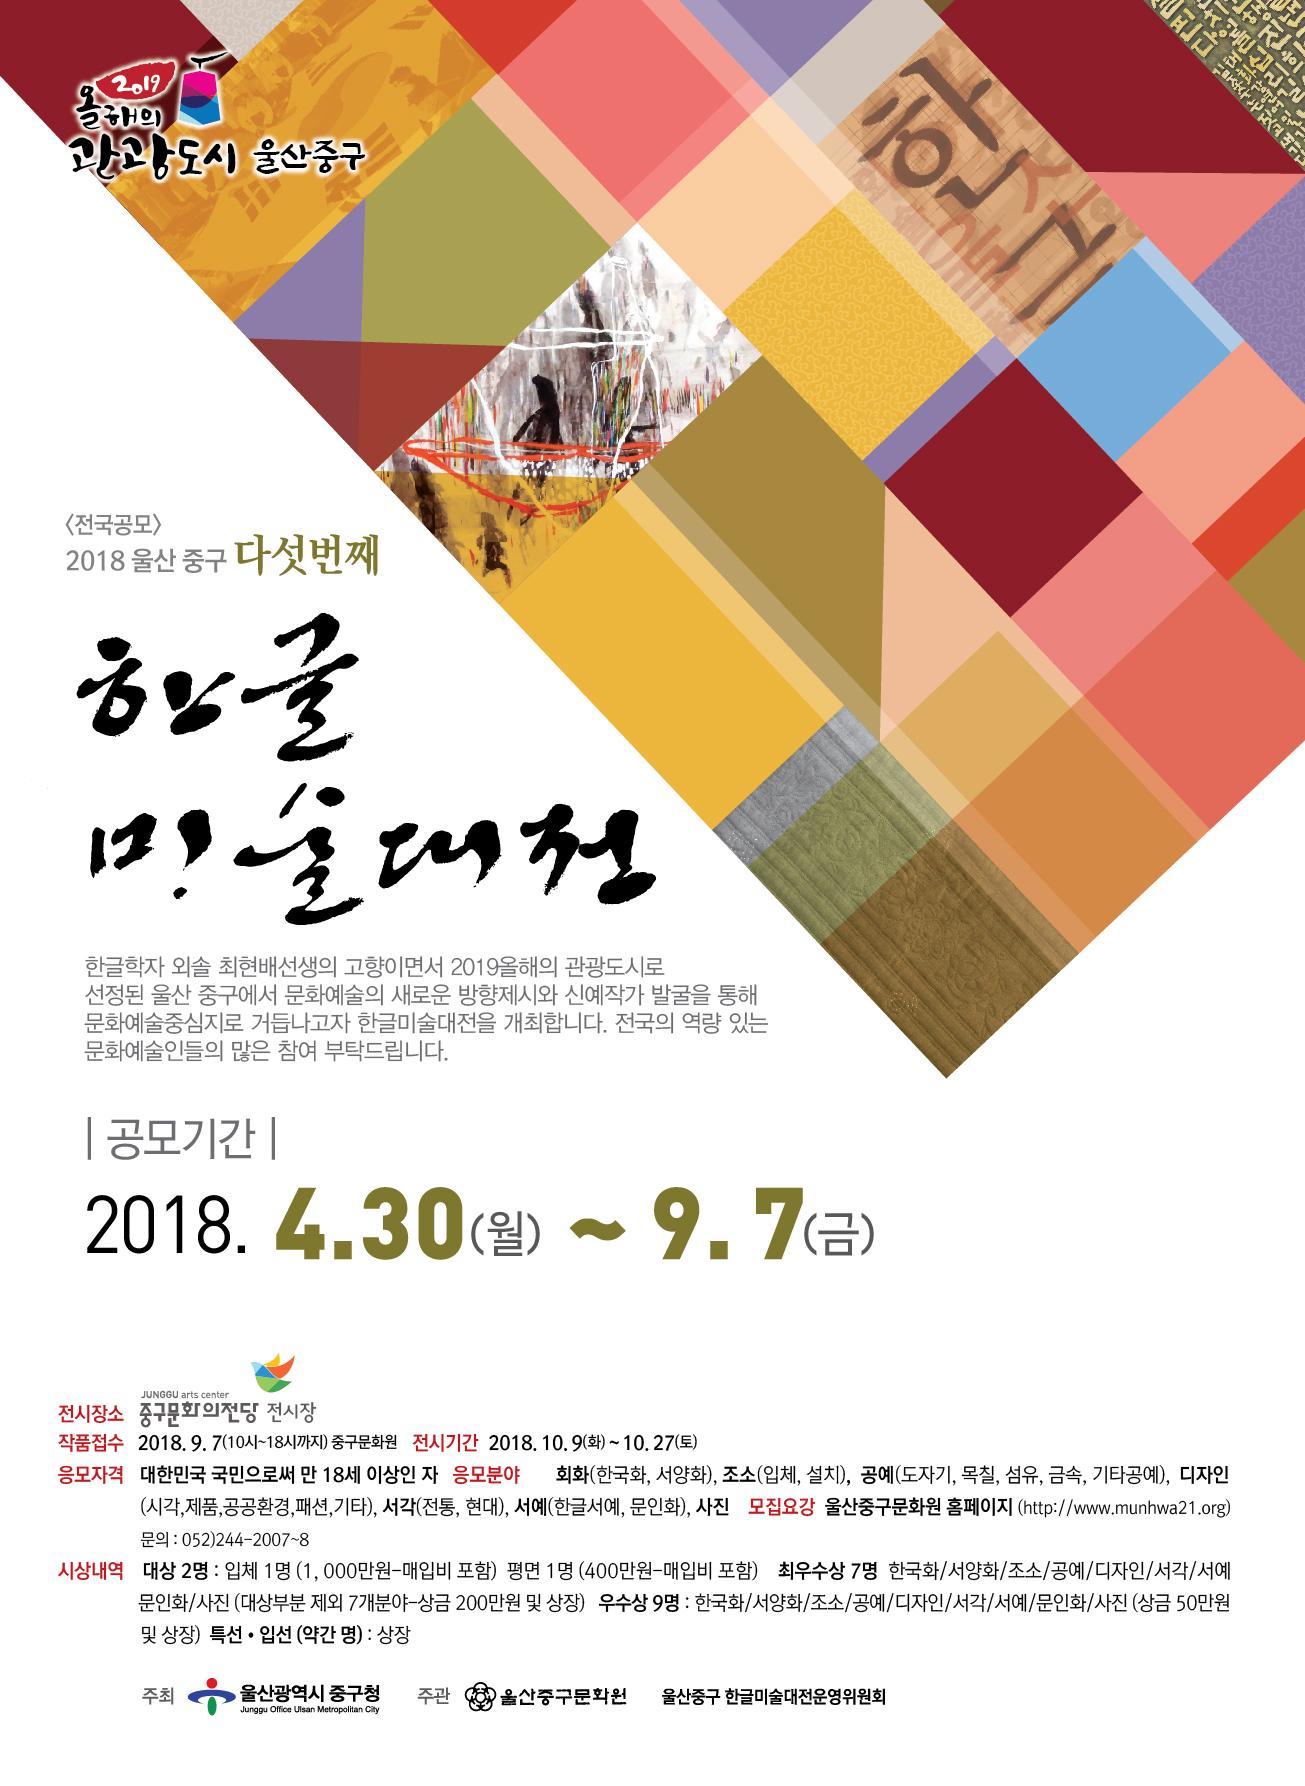 제5회 울산중구 한글미술대전